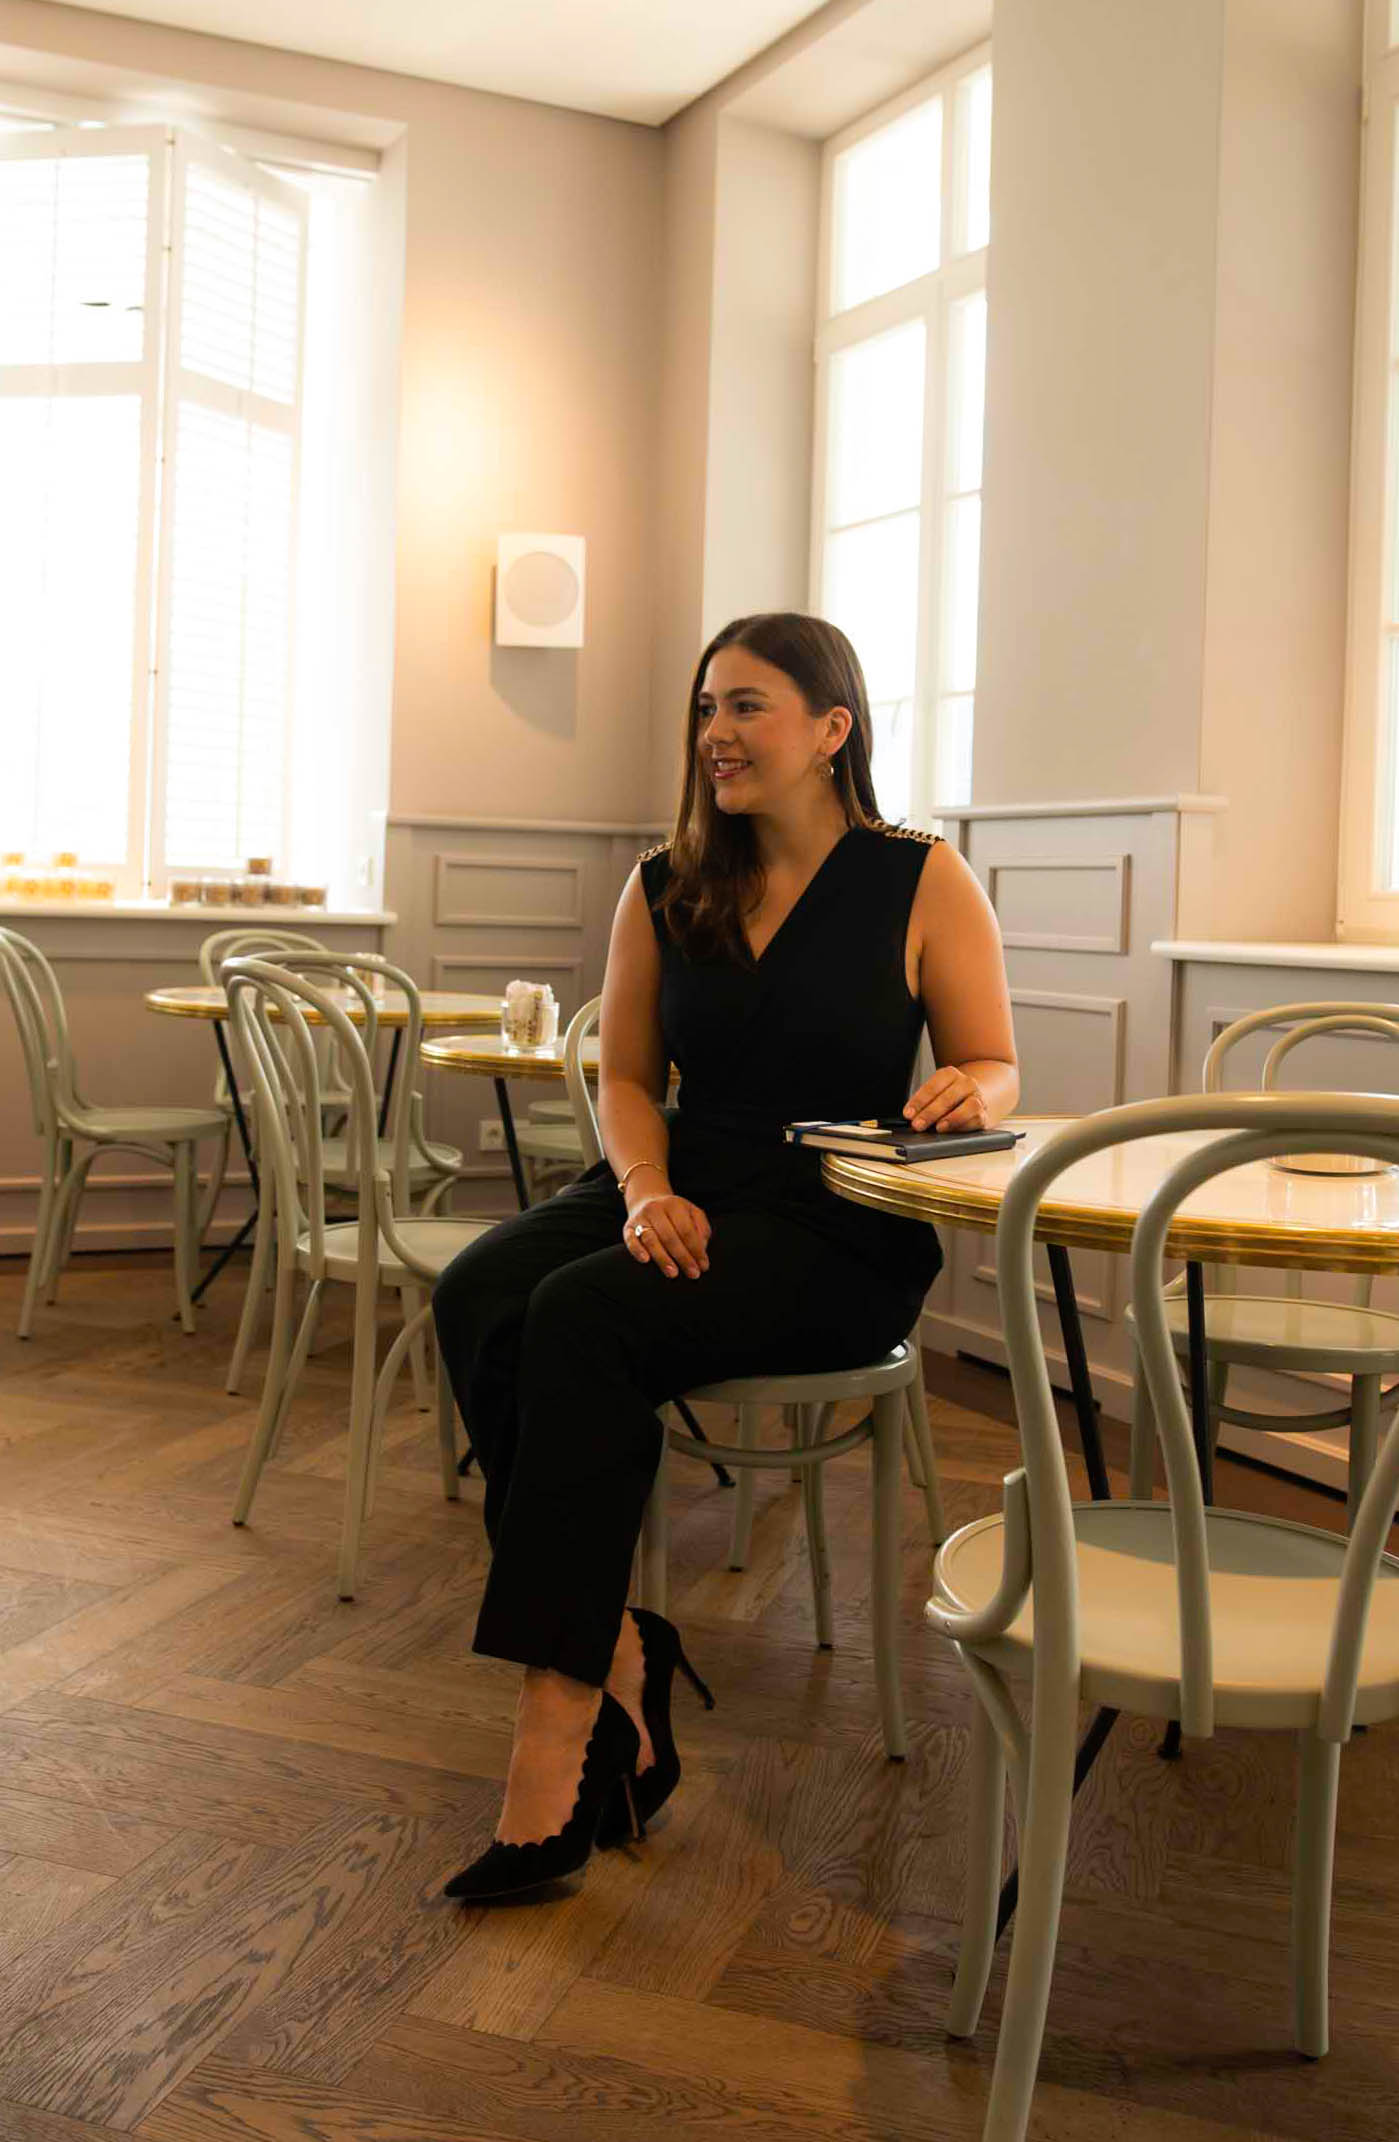 Erstes Fazit nach drei Monaten Selbstständigkeit: Erfahrungen im eigenen Unternehmen und als Business Woman im Alltag, Pläne von Nathalie Dorff von Fashiondeluxxe für die kommenden Wochen